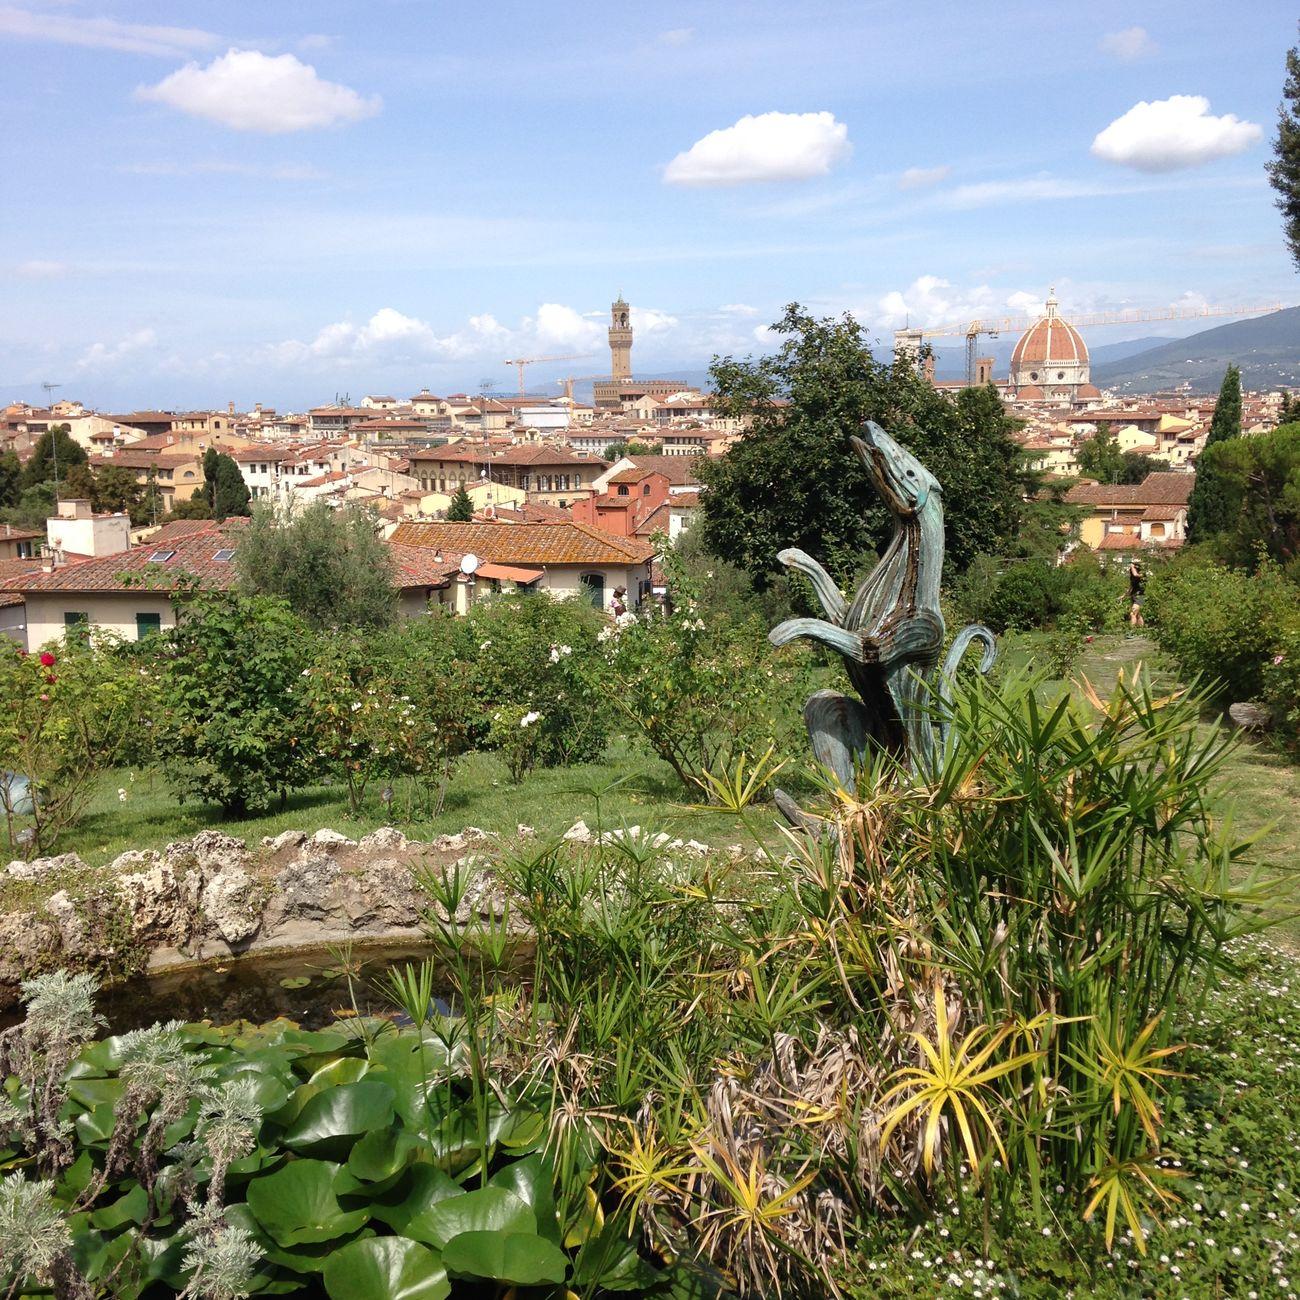 Una vista distinta de Florencia Gardening sculpture